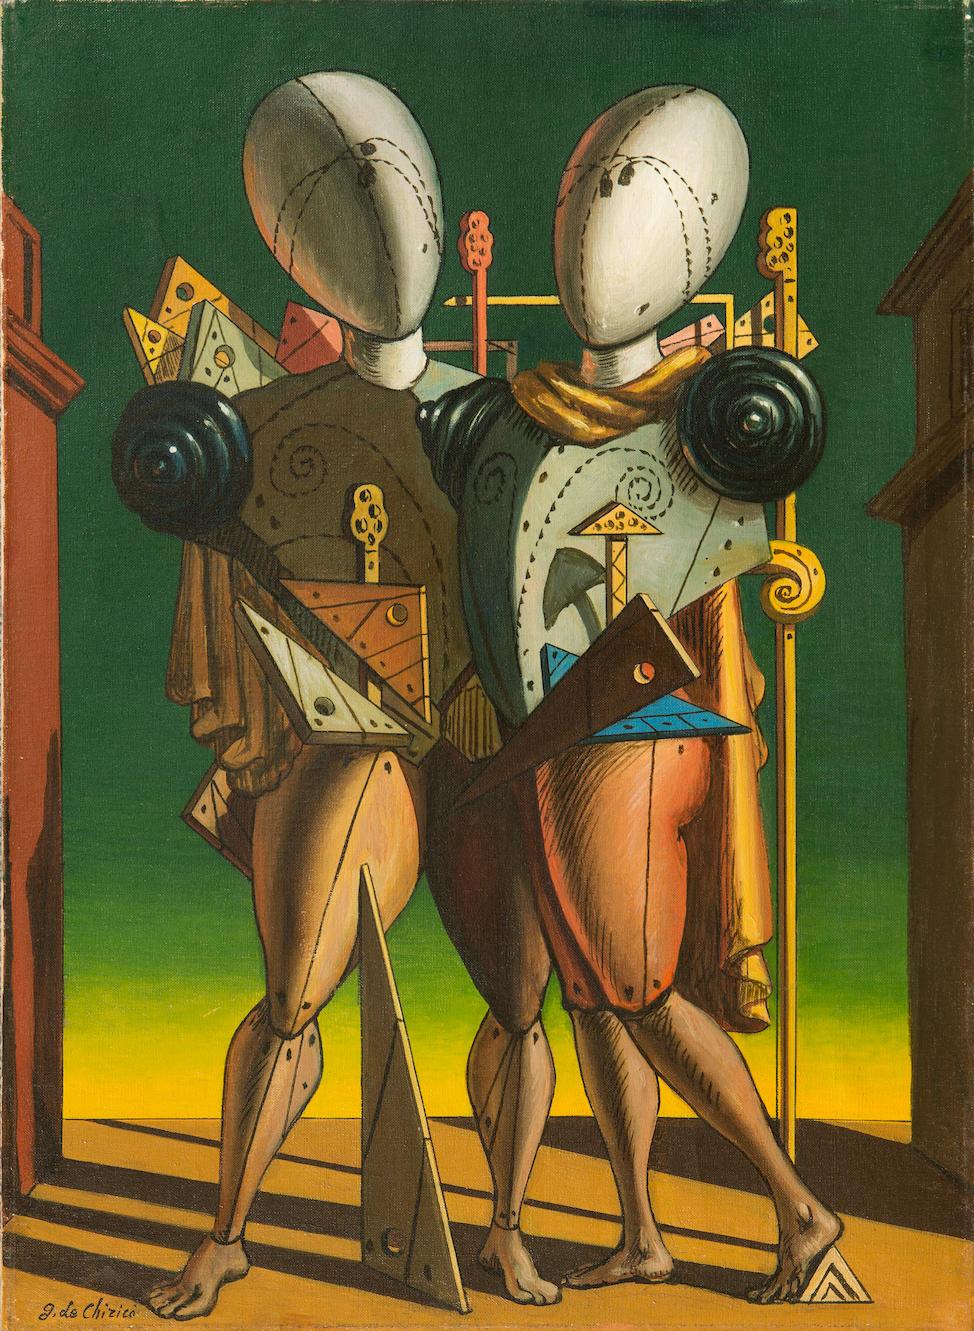 GIORGIO DE CHIRICO (1888-1978) Ettore e Andromaca 22 1/16 x 15 3/4in. (56 x 40cm)